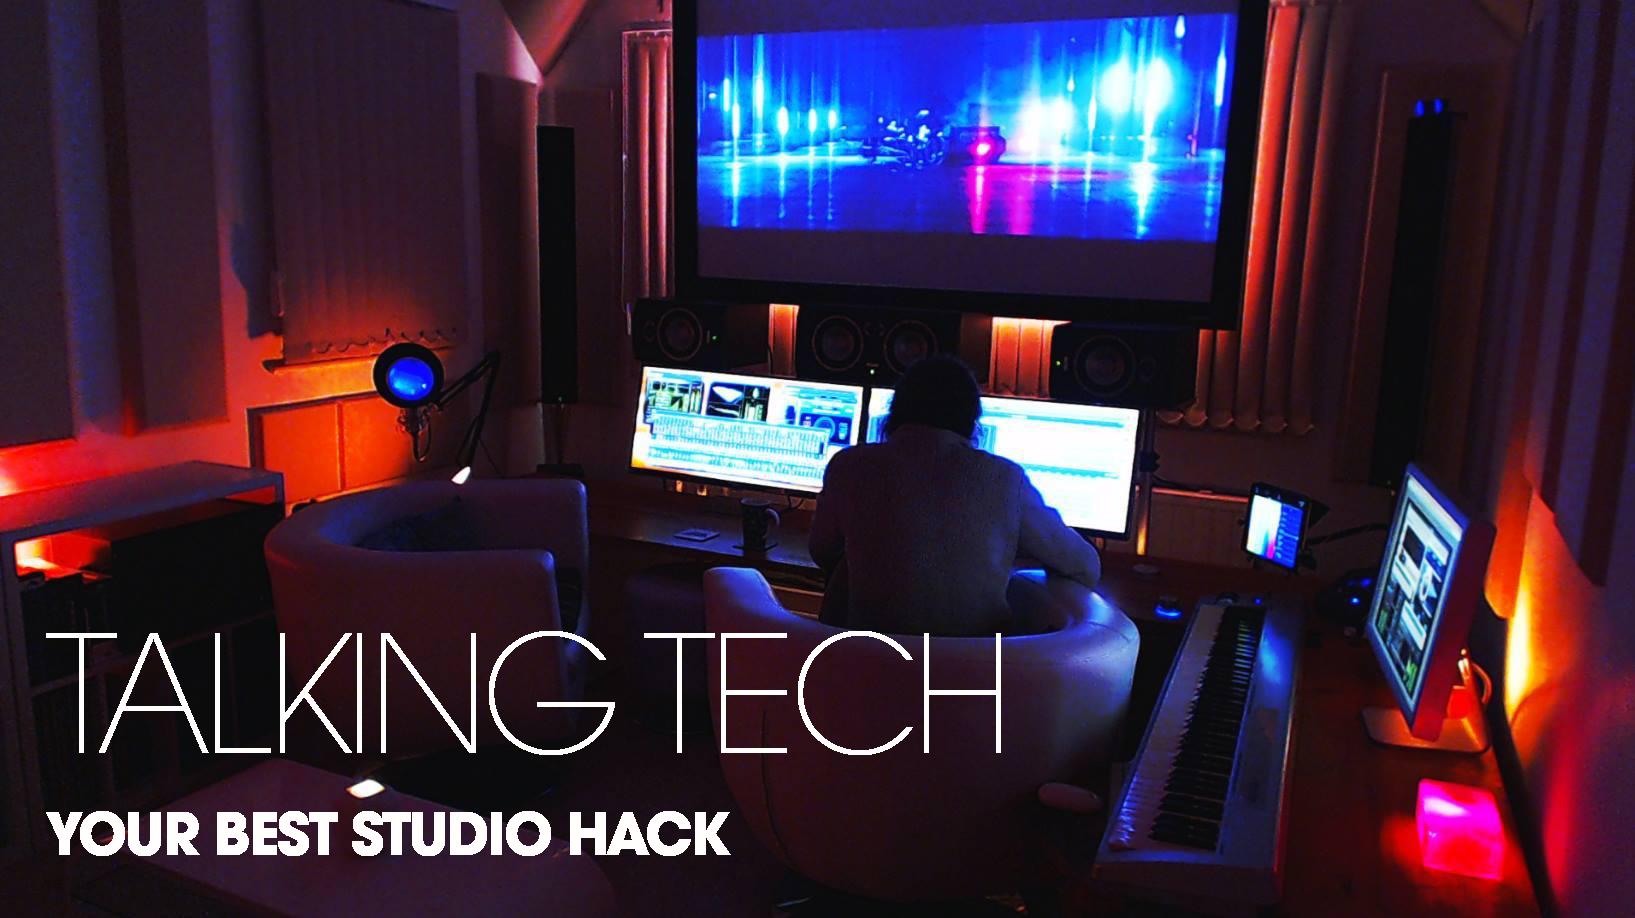 studio hack